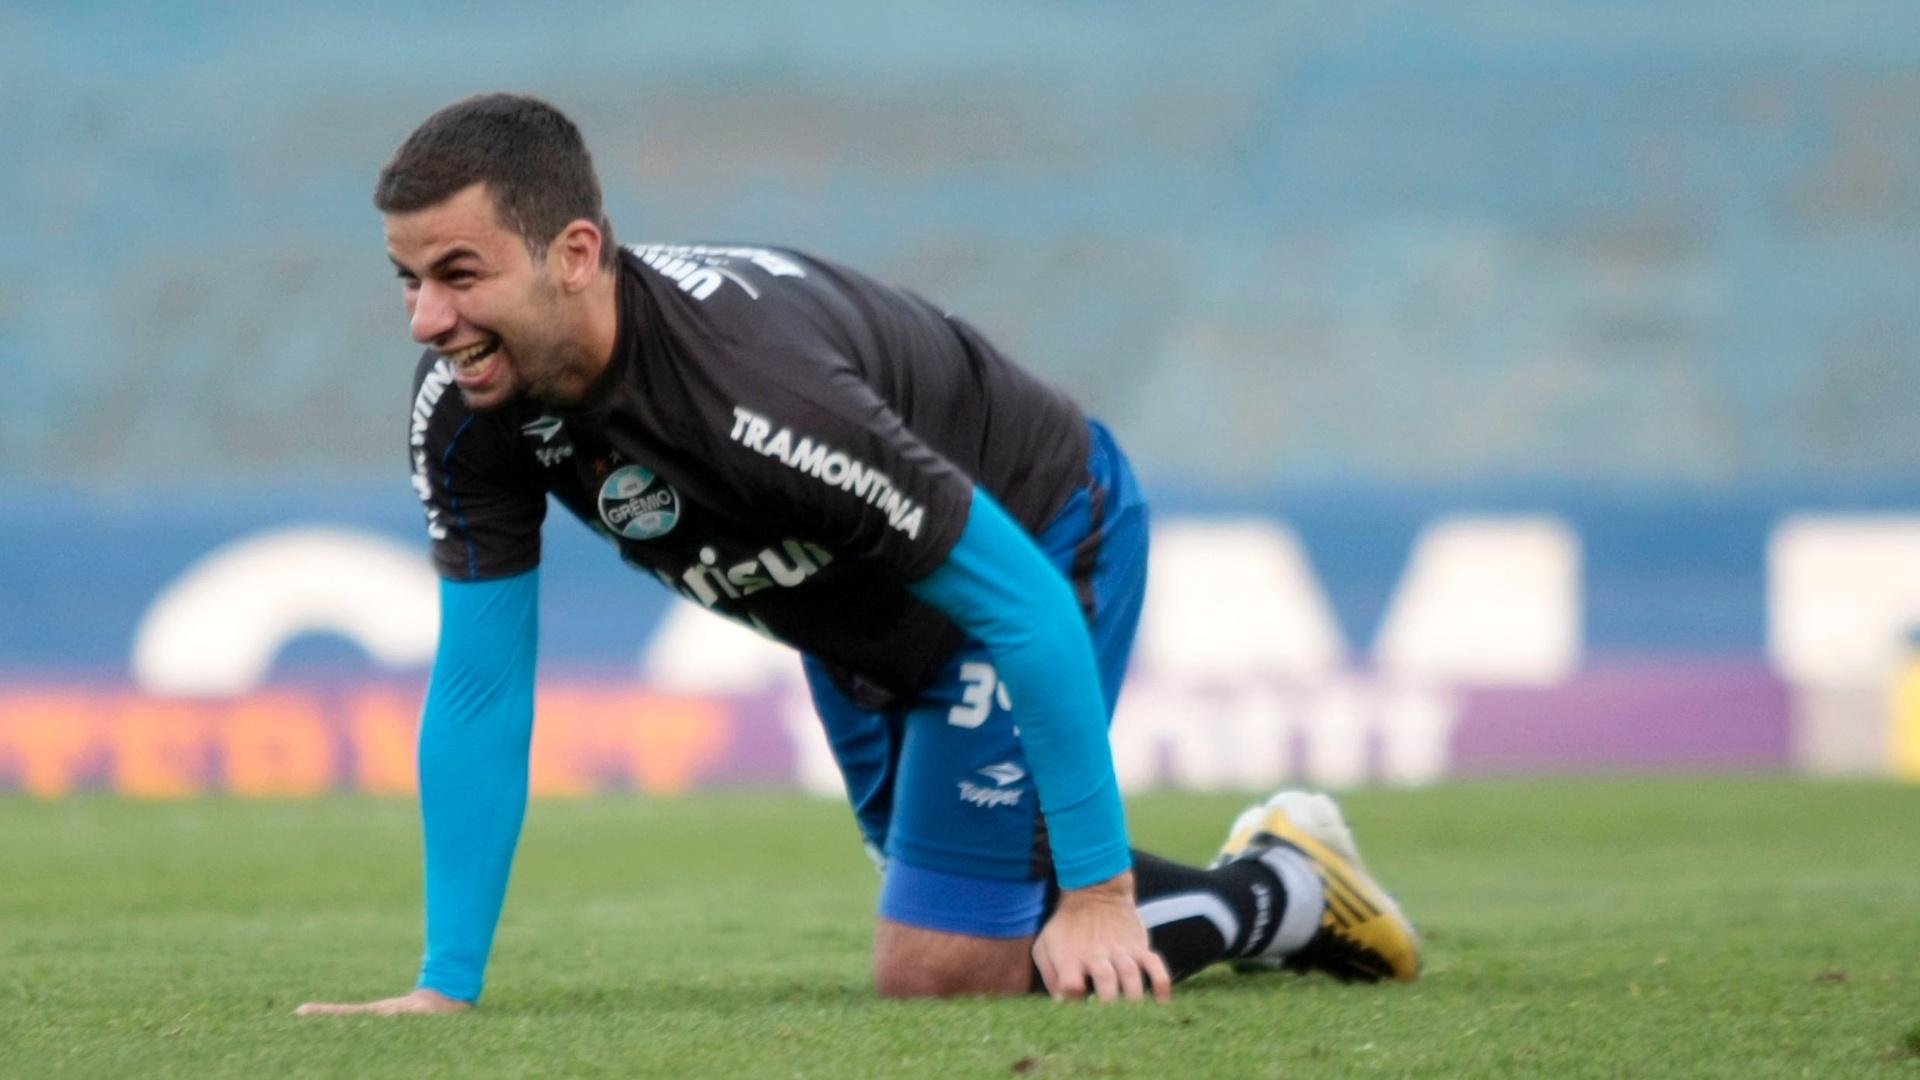 André Lima brinca durante treinamento do Grêmio nesta terça-feira (14/08/2012)